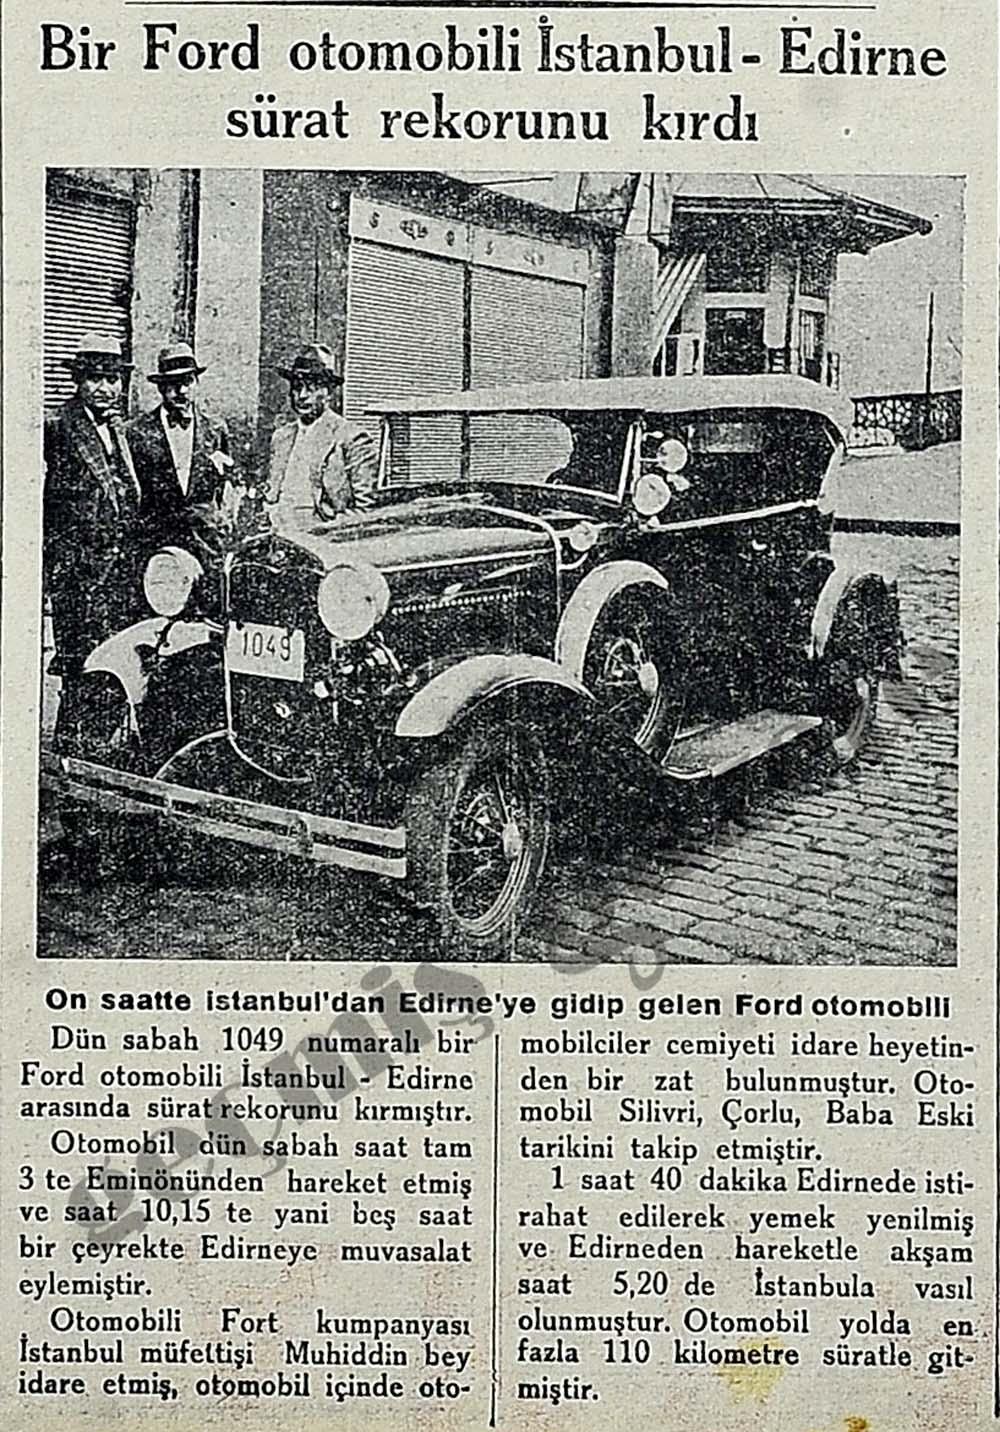 Bir Ford otomobili İstanbul-Edirne sürat rekorunu kırdı